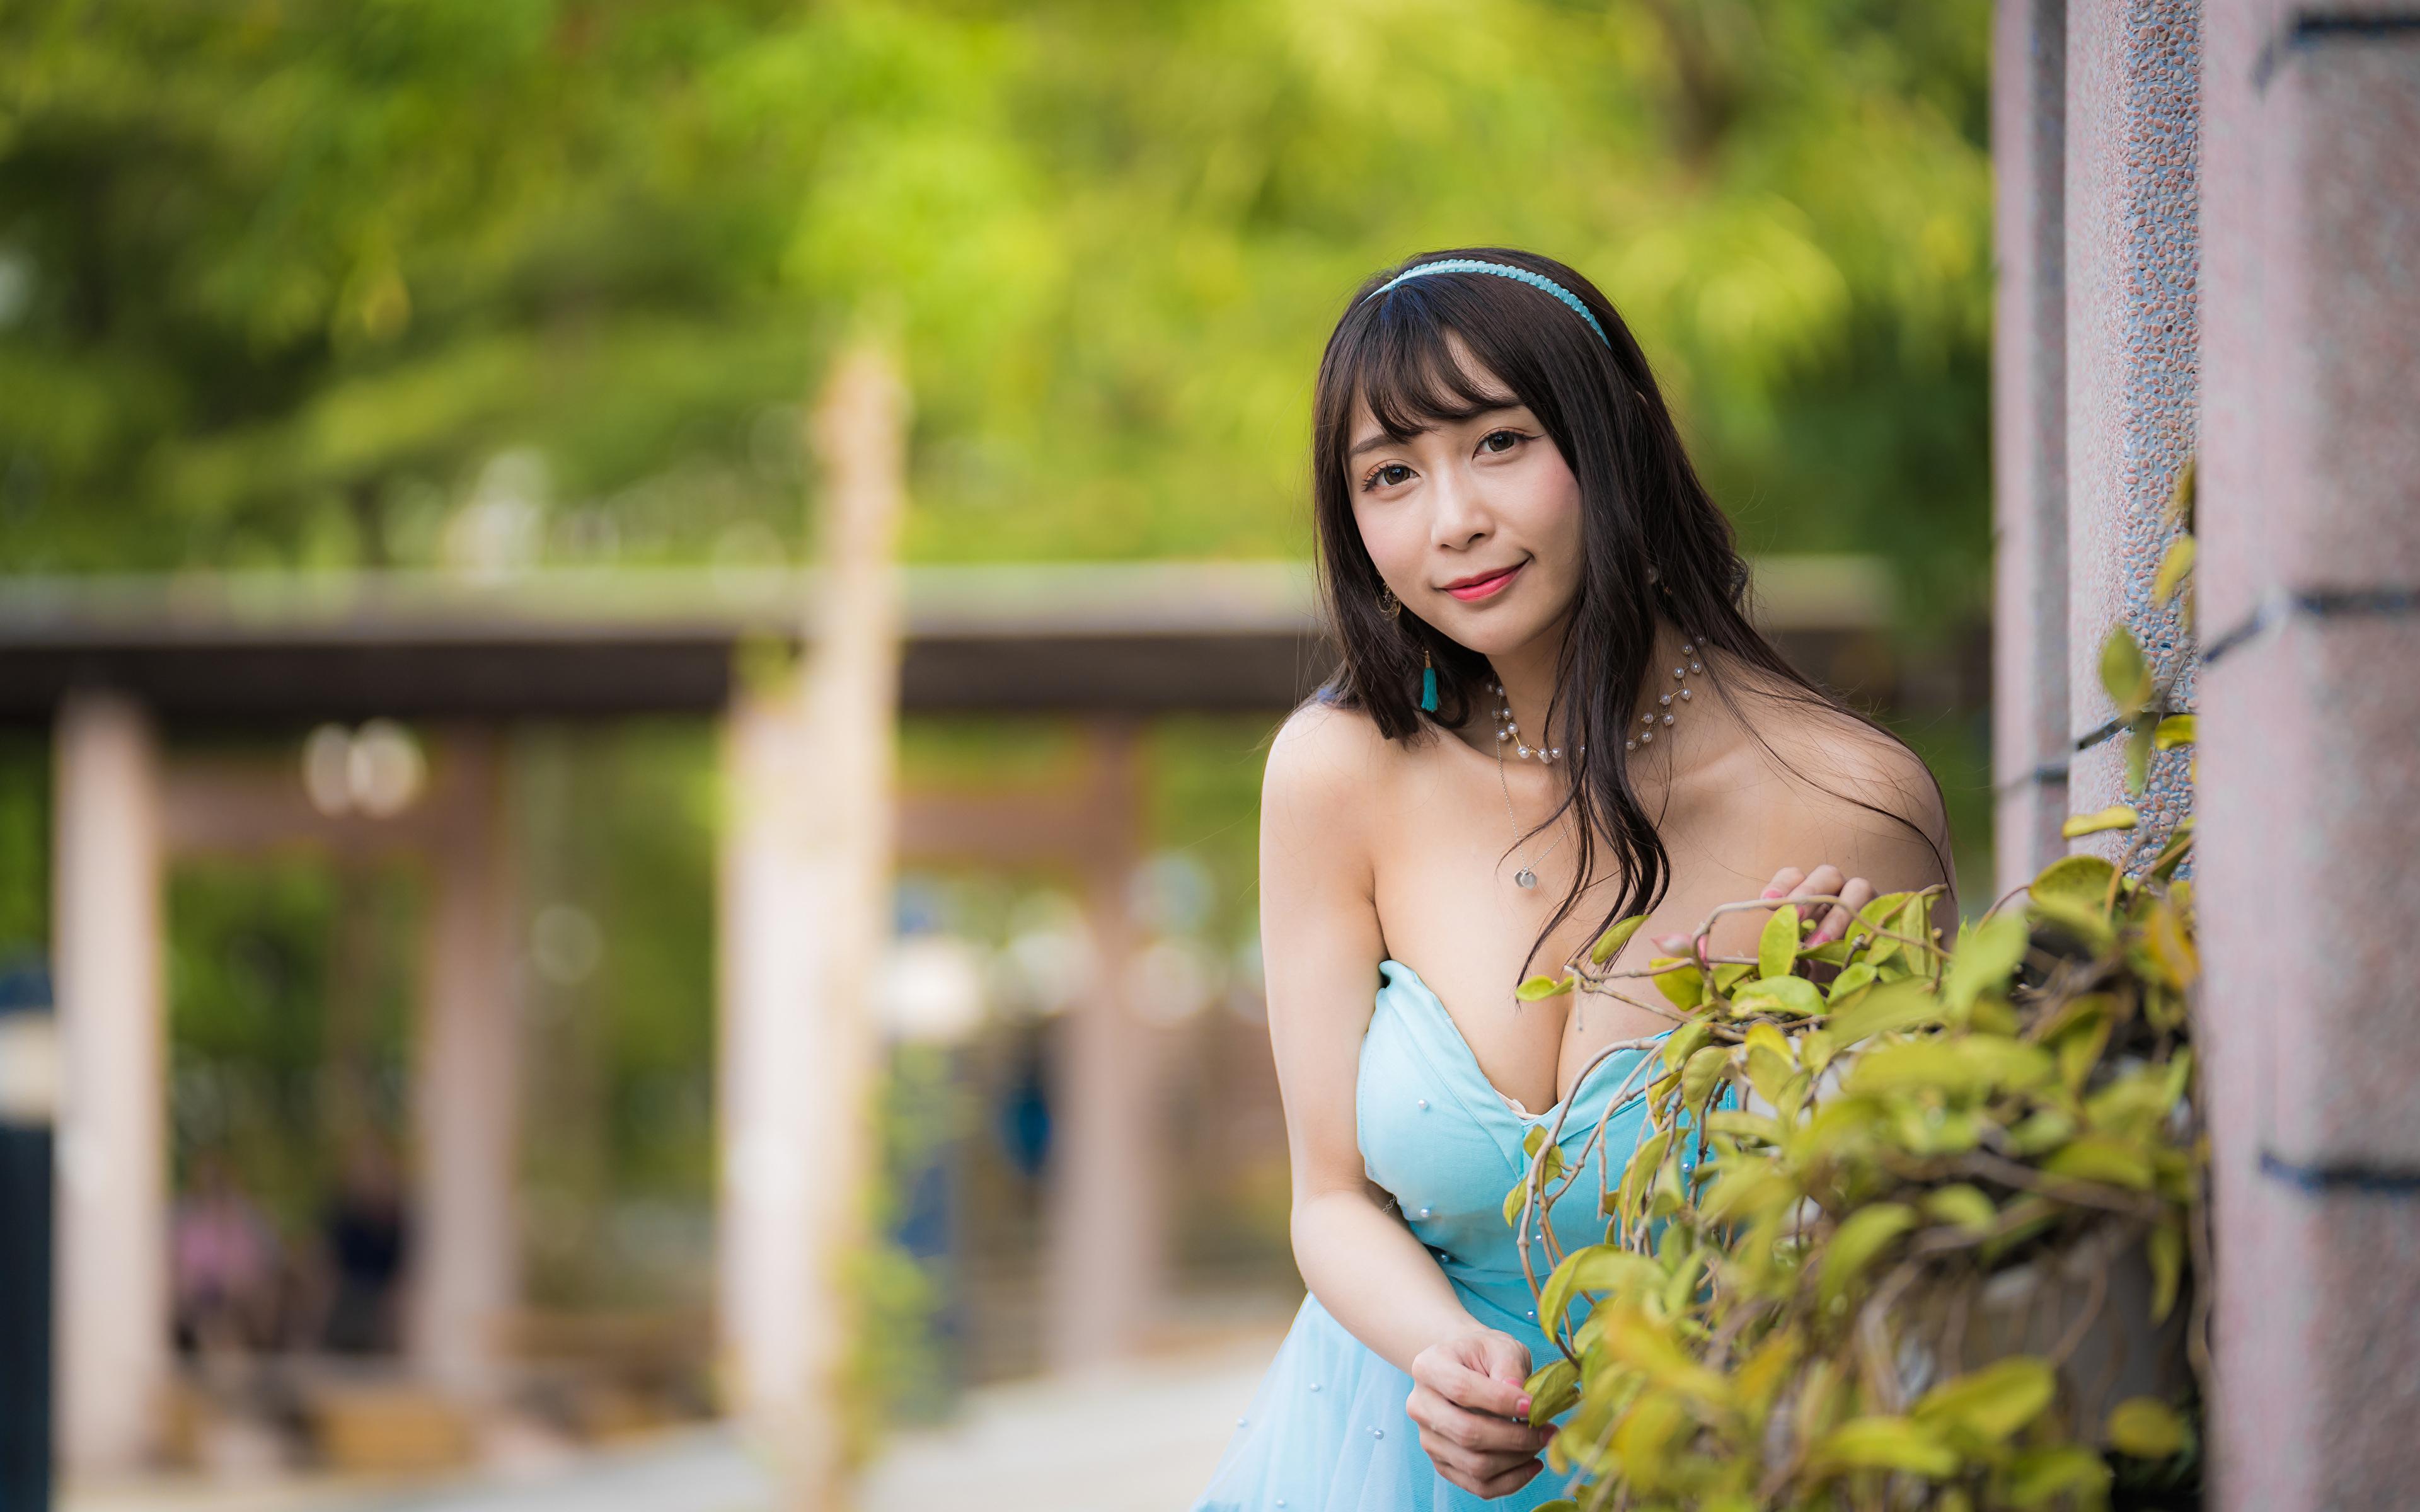 Bilder von Brünette unscharfer Hintergrund Dekolleté junge frau asiatisches Blick Kleid 3840x2400 Bokeh dekolletee Mädchens junge Frauen Asiaten Asiatische Starren